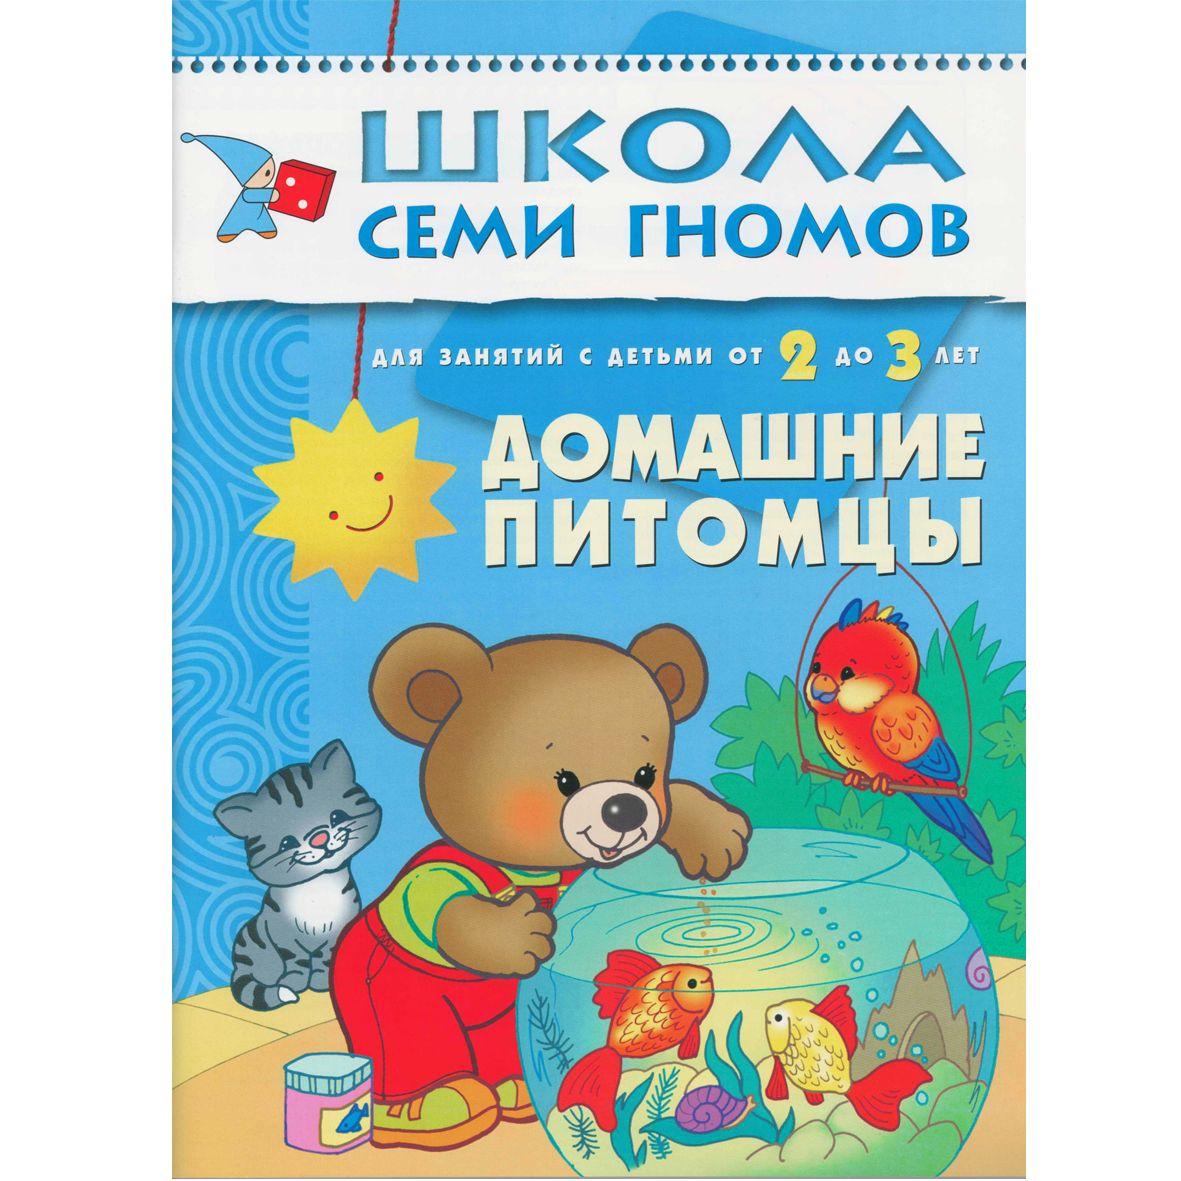 Домашние питомцы: Для занятий с детьми от 2 до 3 лет